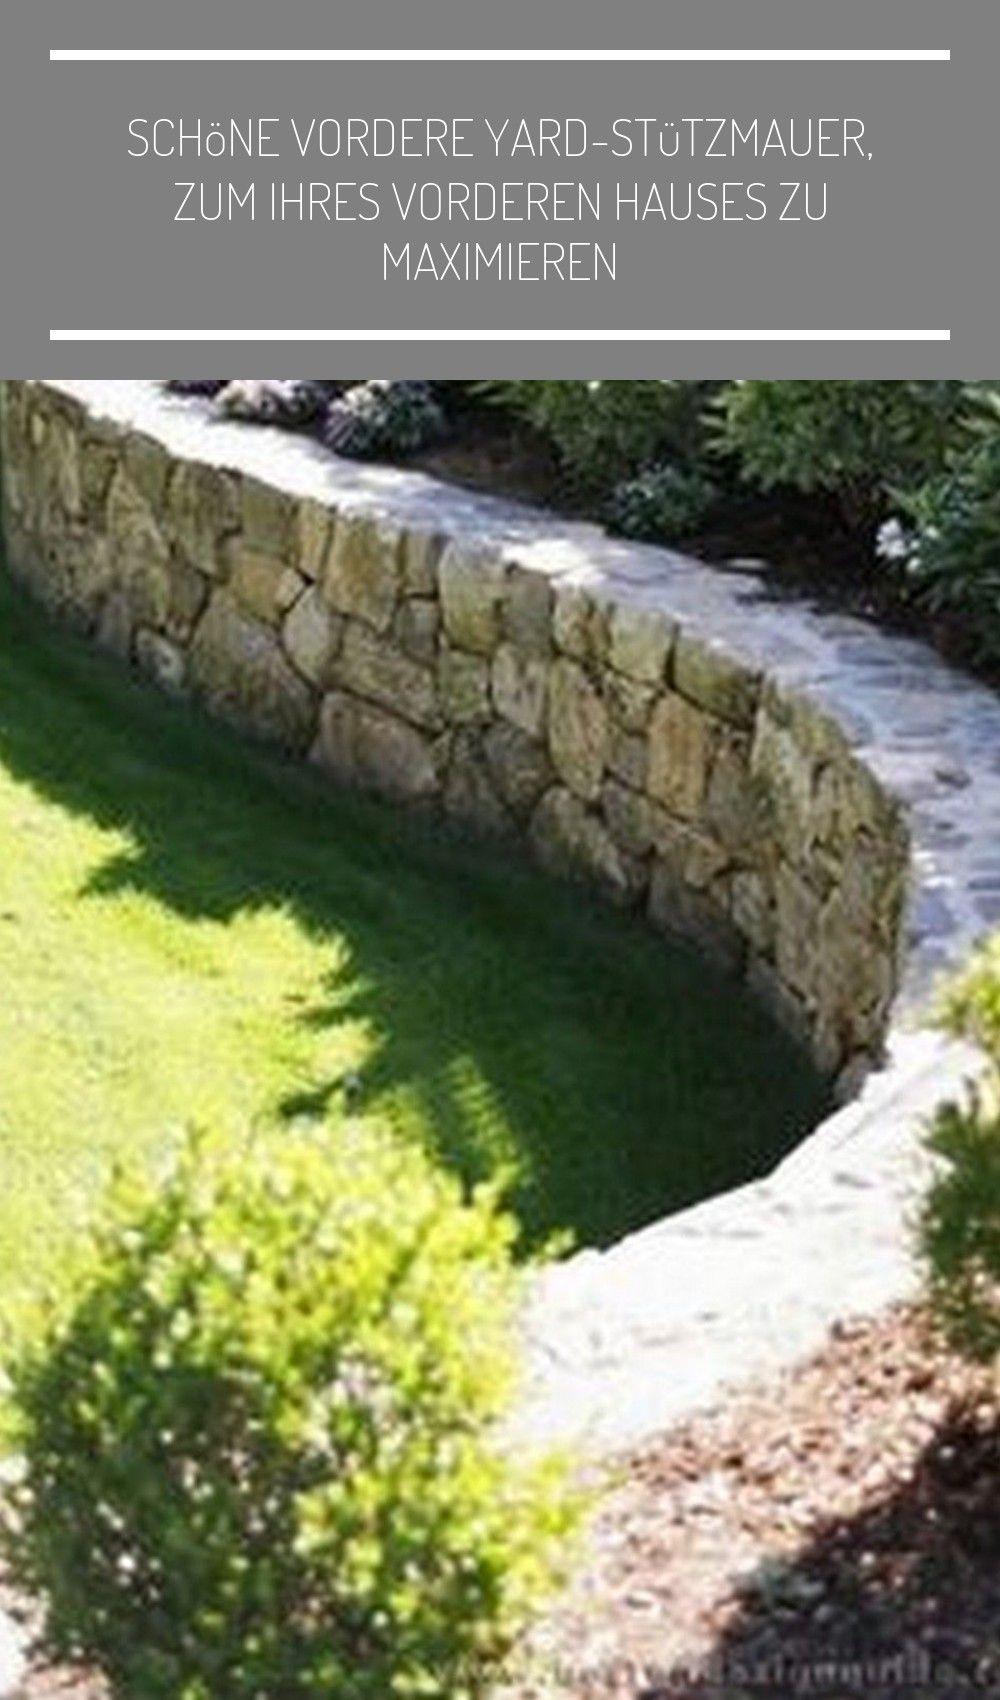 Schone Vordere Yard Stutzmauer En 2020